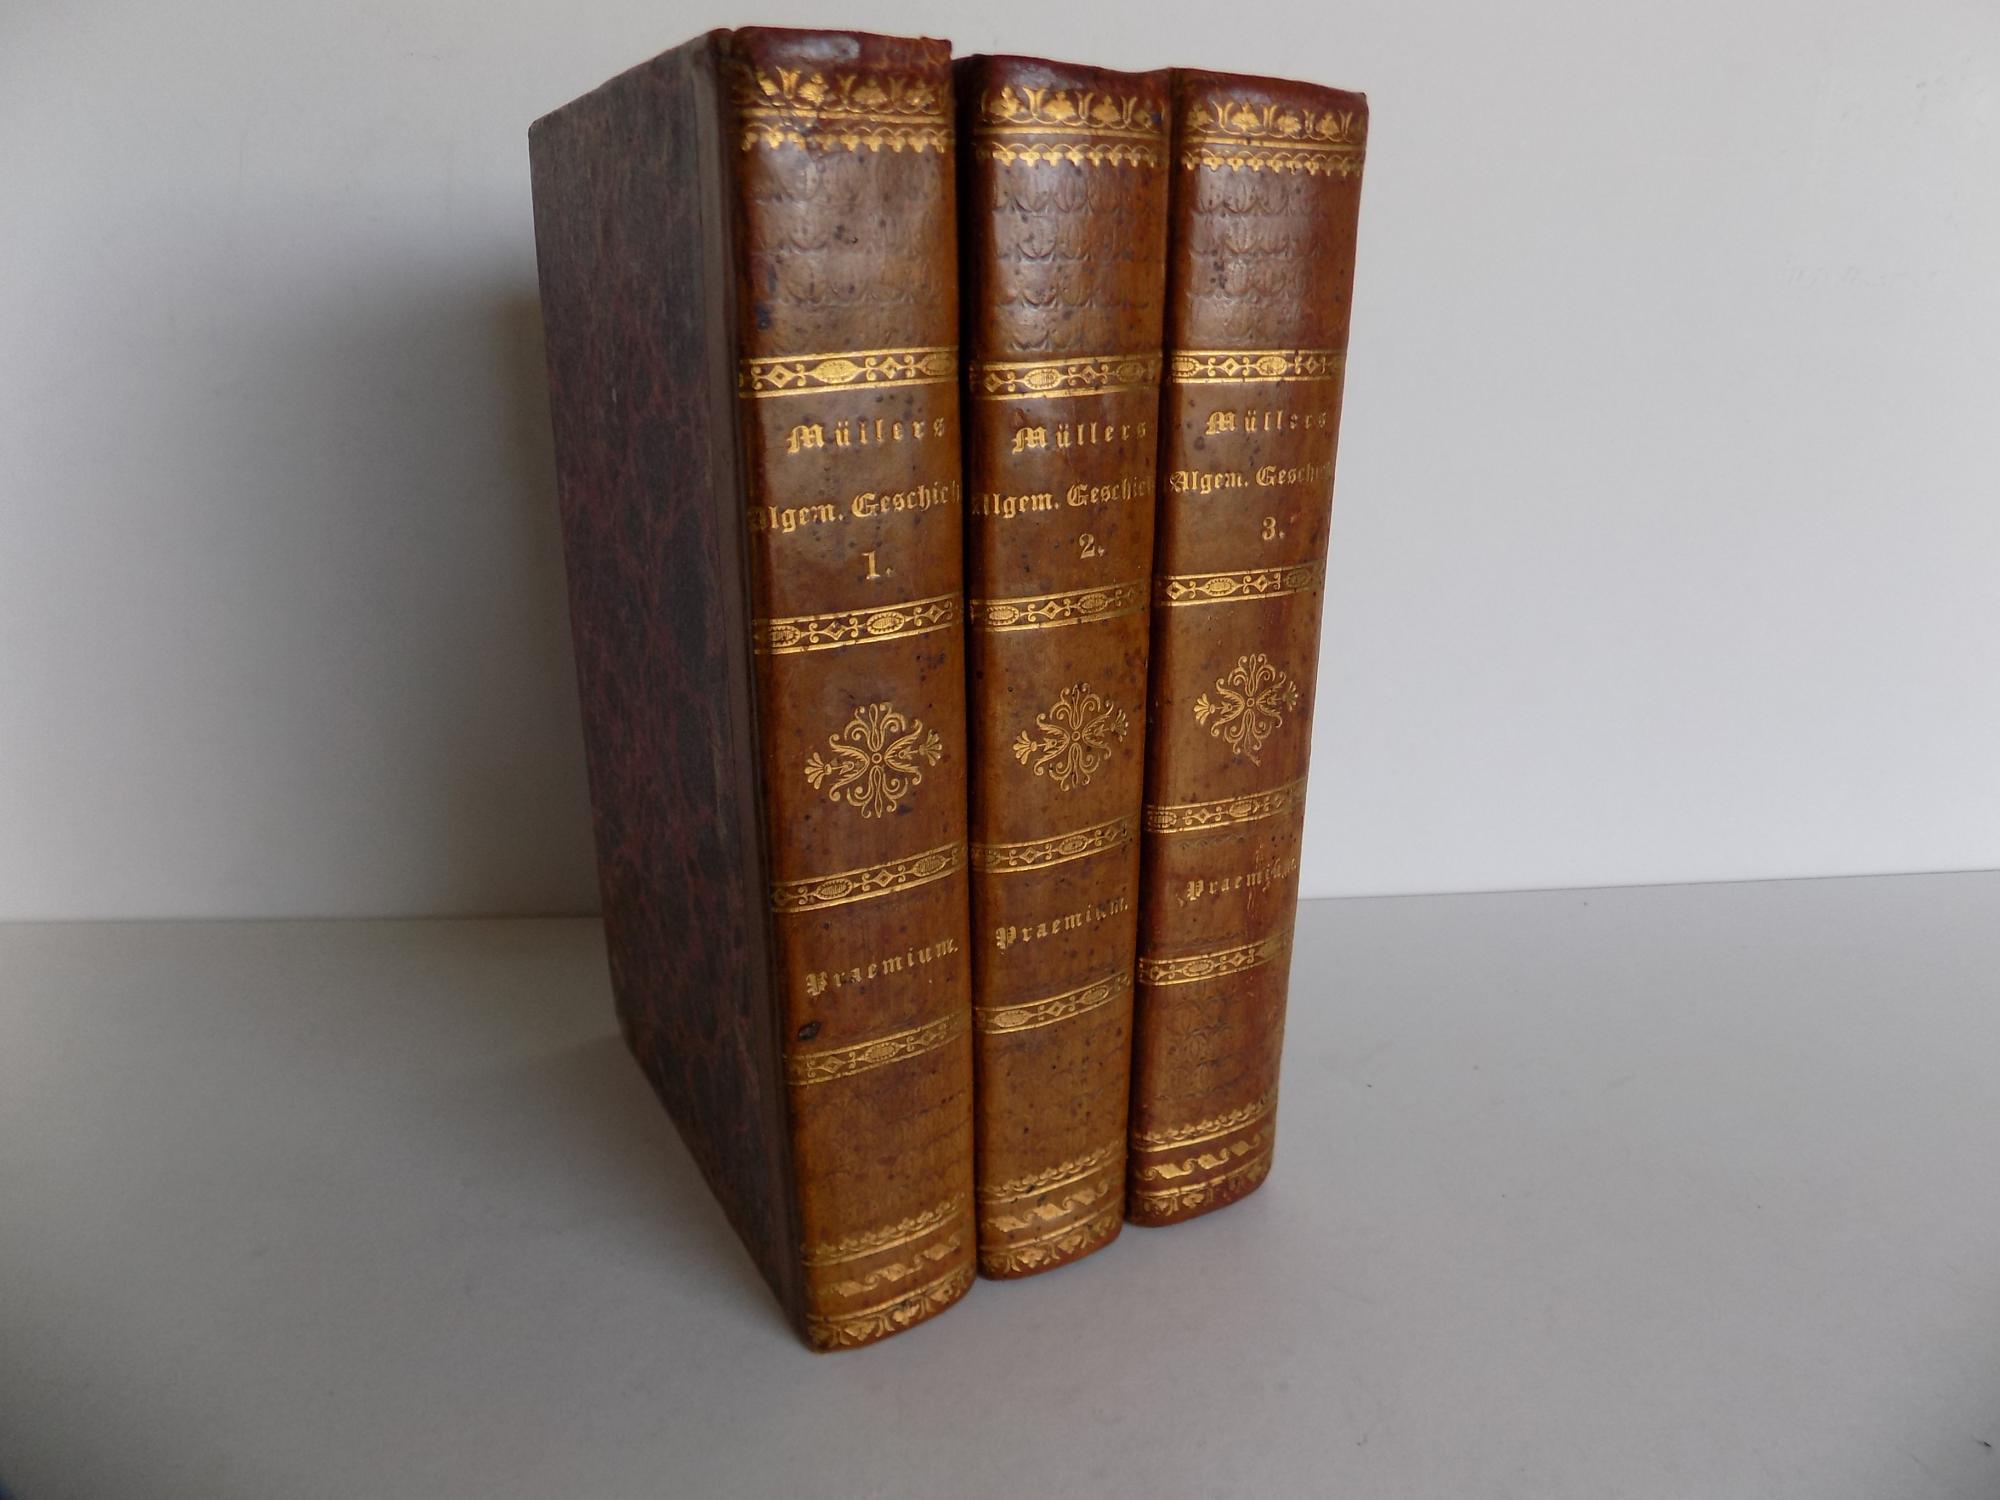 Vier und zwanzig [vierundzwanzig] Bücher Allgemeiner Geschichten,: Müller, Johannes von